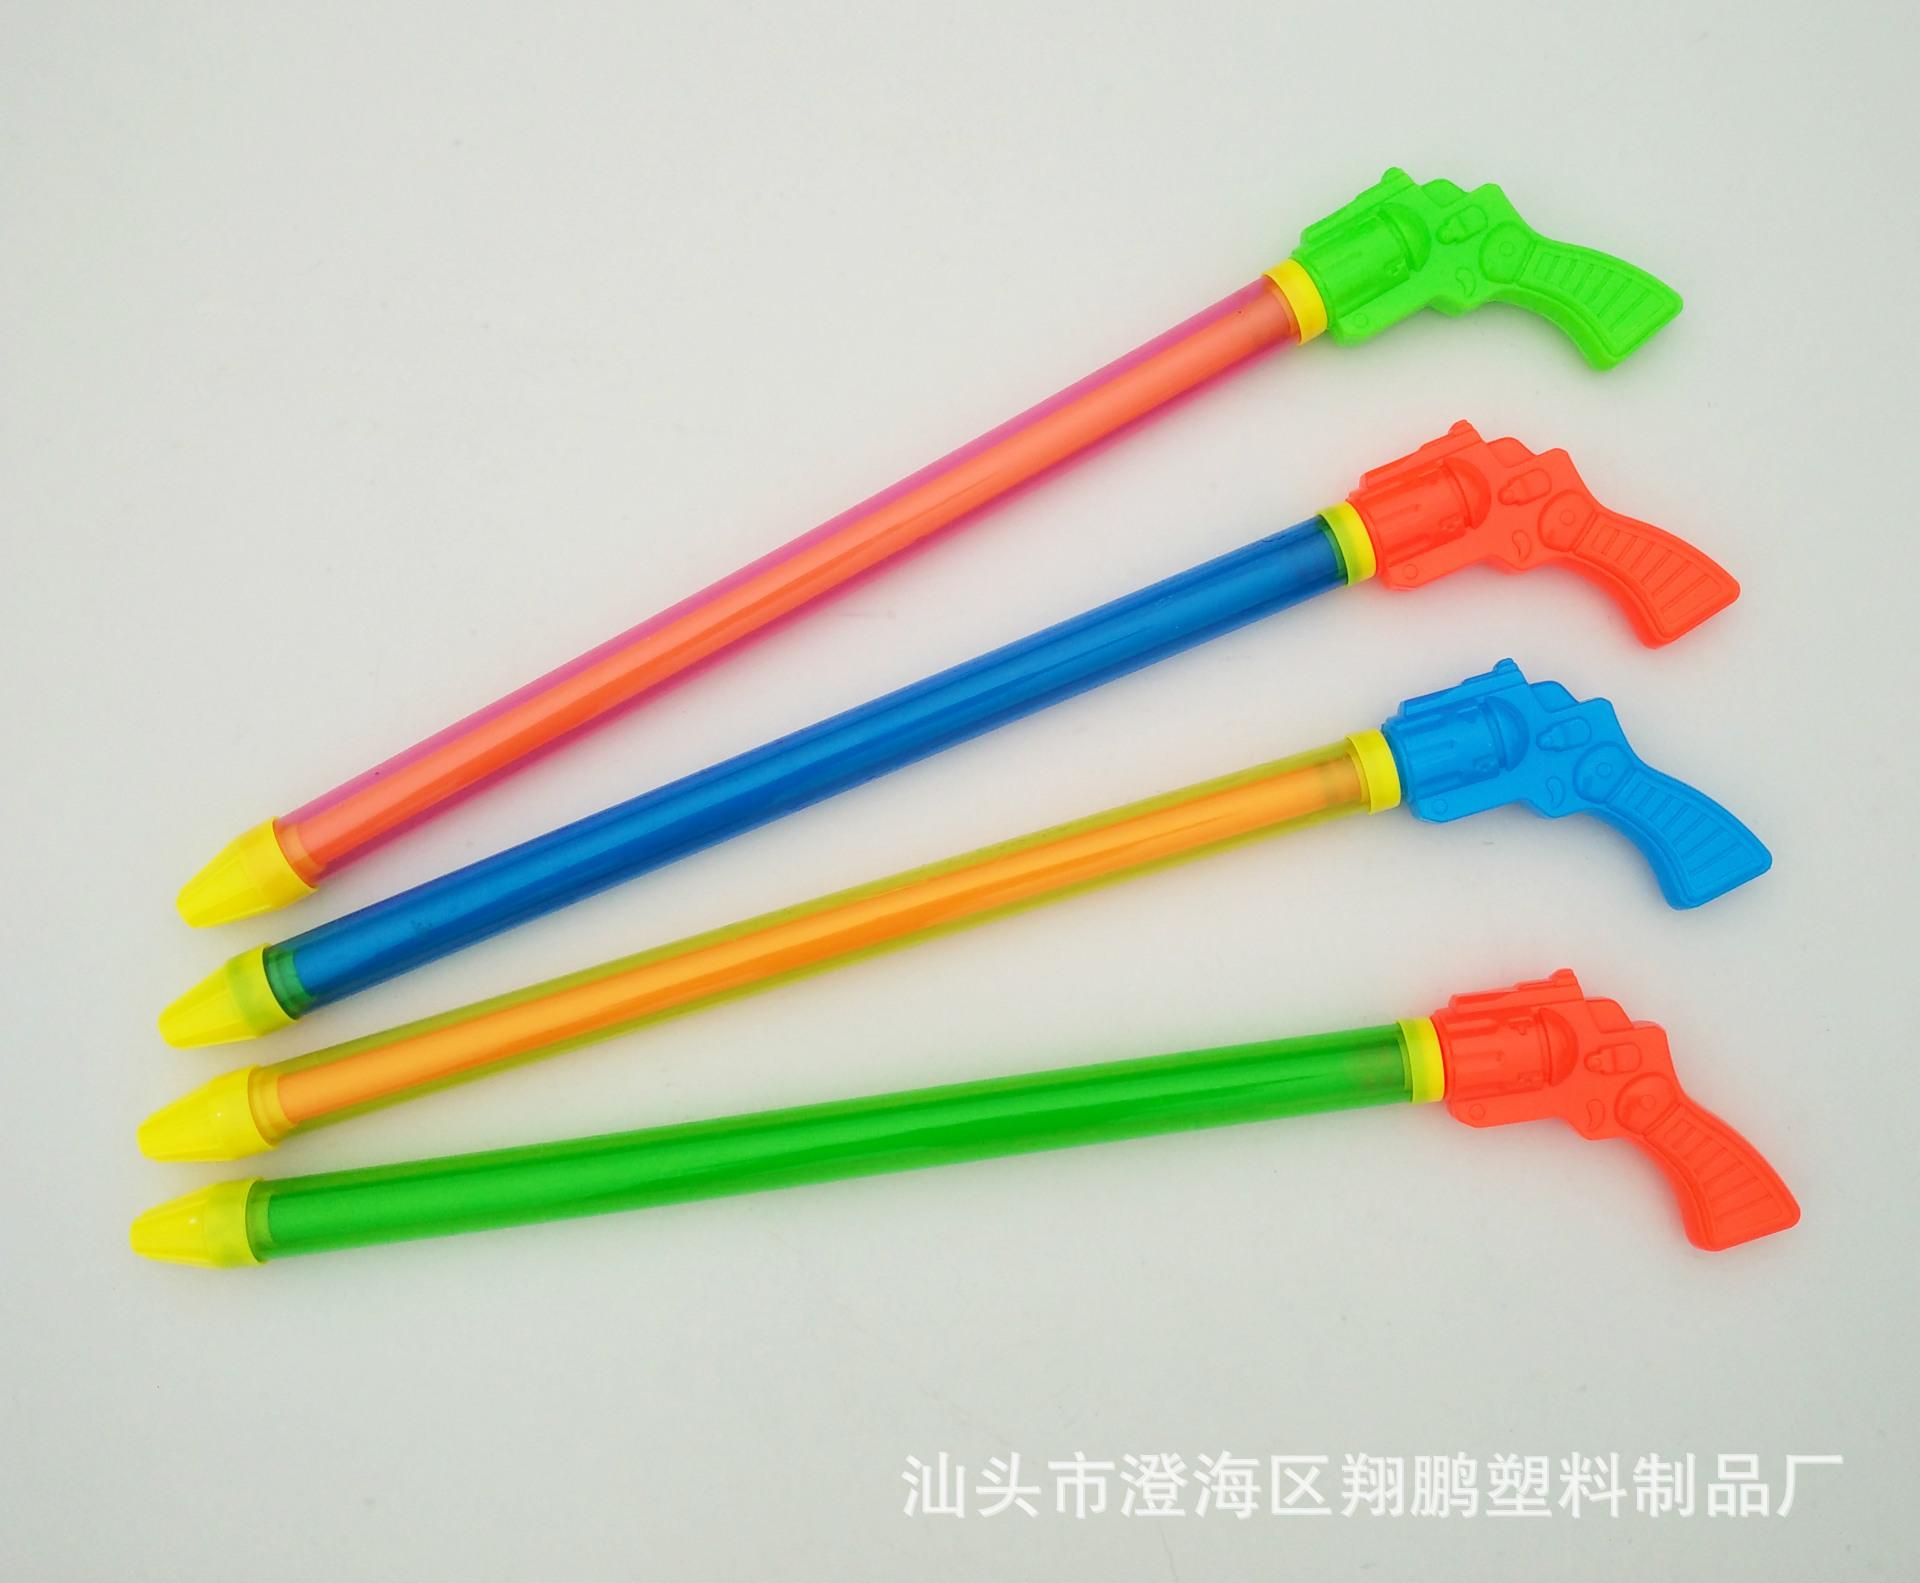 【乐美玩具】沙滩52CM长气压小左轮枪把水炮 儿童夏日戏水玩具